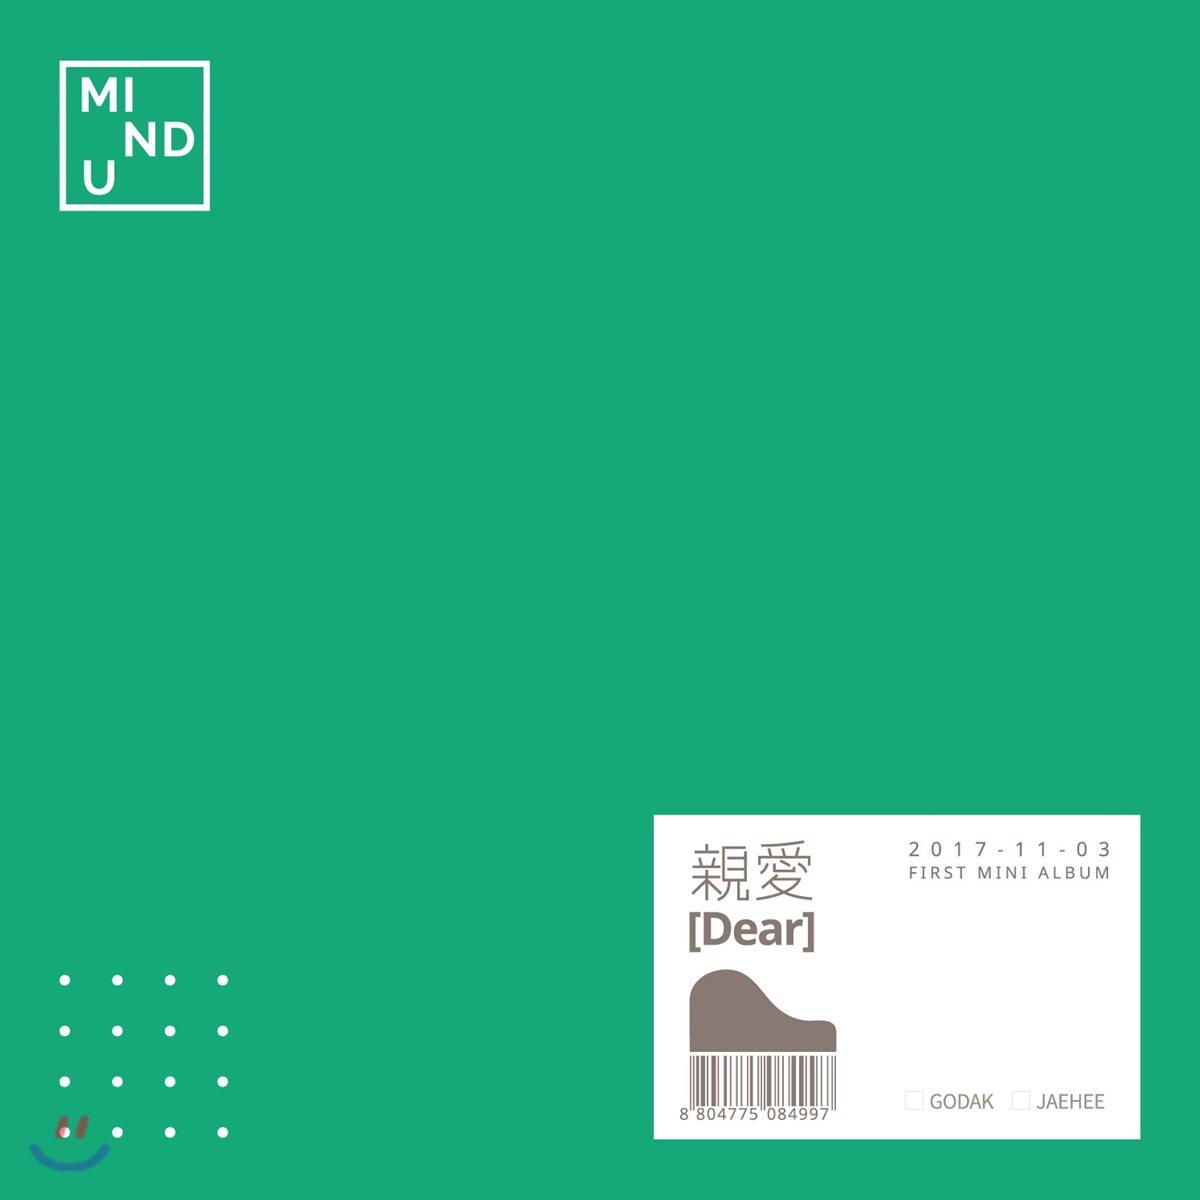 마인드유 - 미니앨범 1집 : Dear